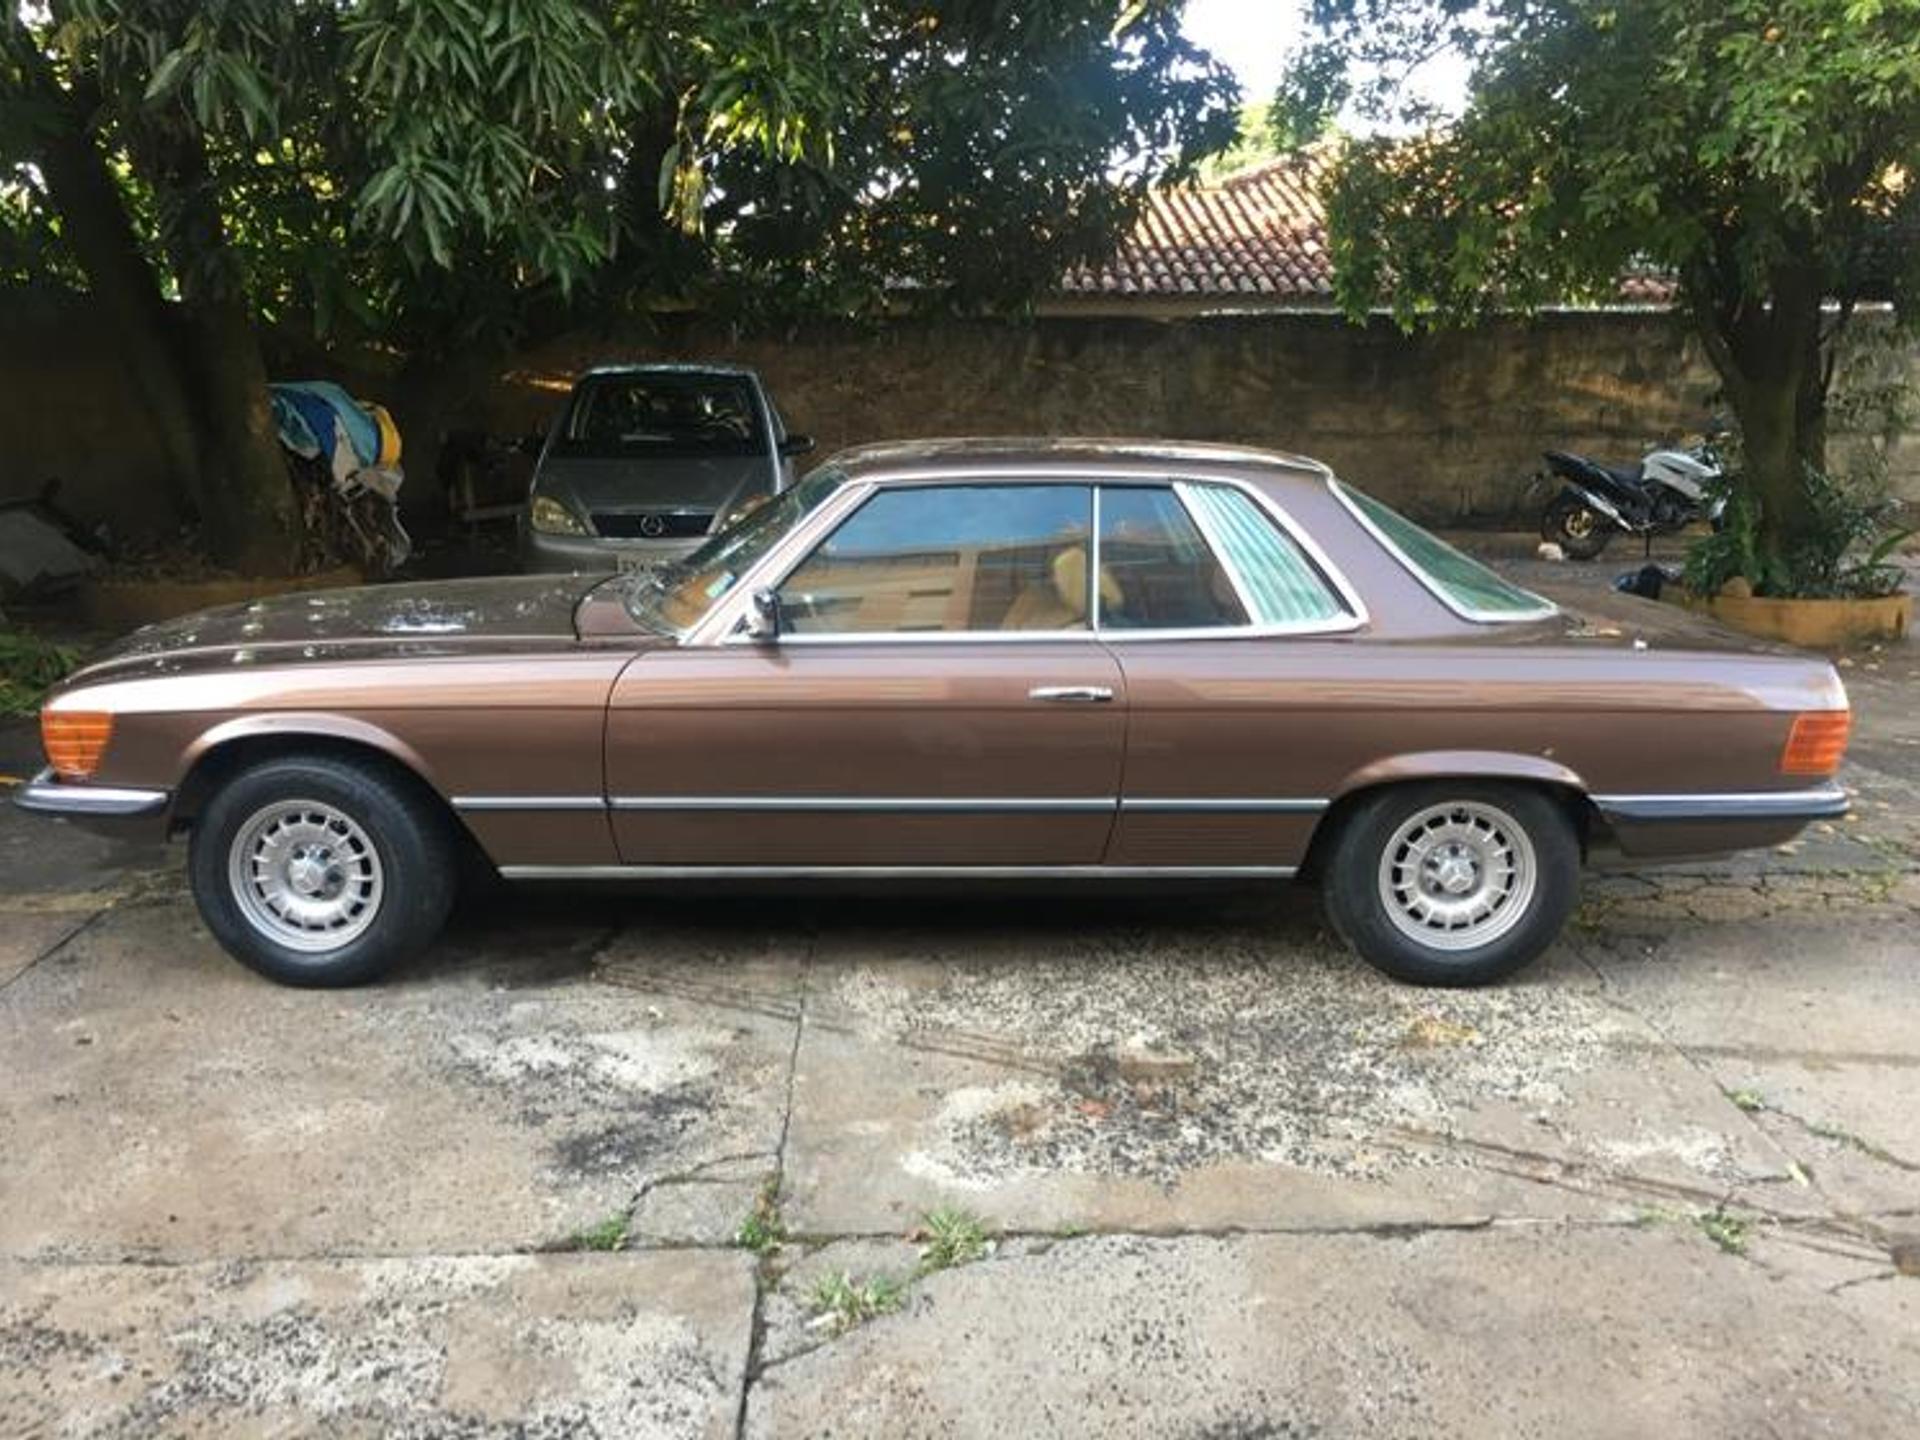 C107 SLC 280 1977 - R$ 100.000,00 Mercedesbenz-280-slc-2.8-i6-12v-gasolina-2p-automatico-wmimagem11130521995